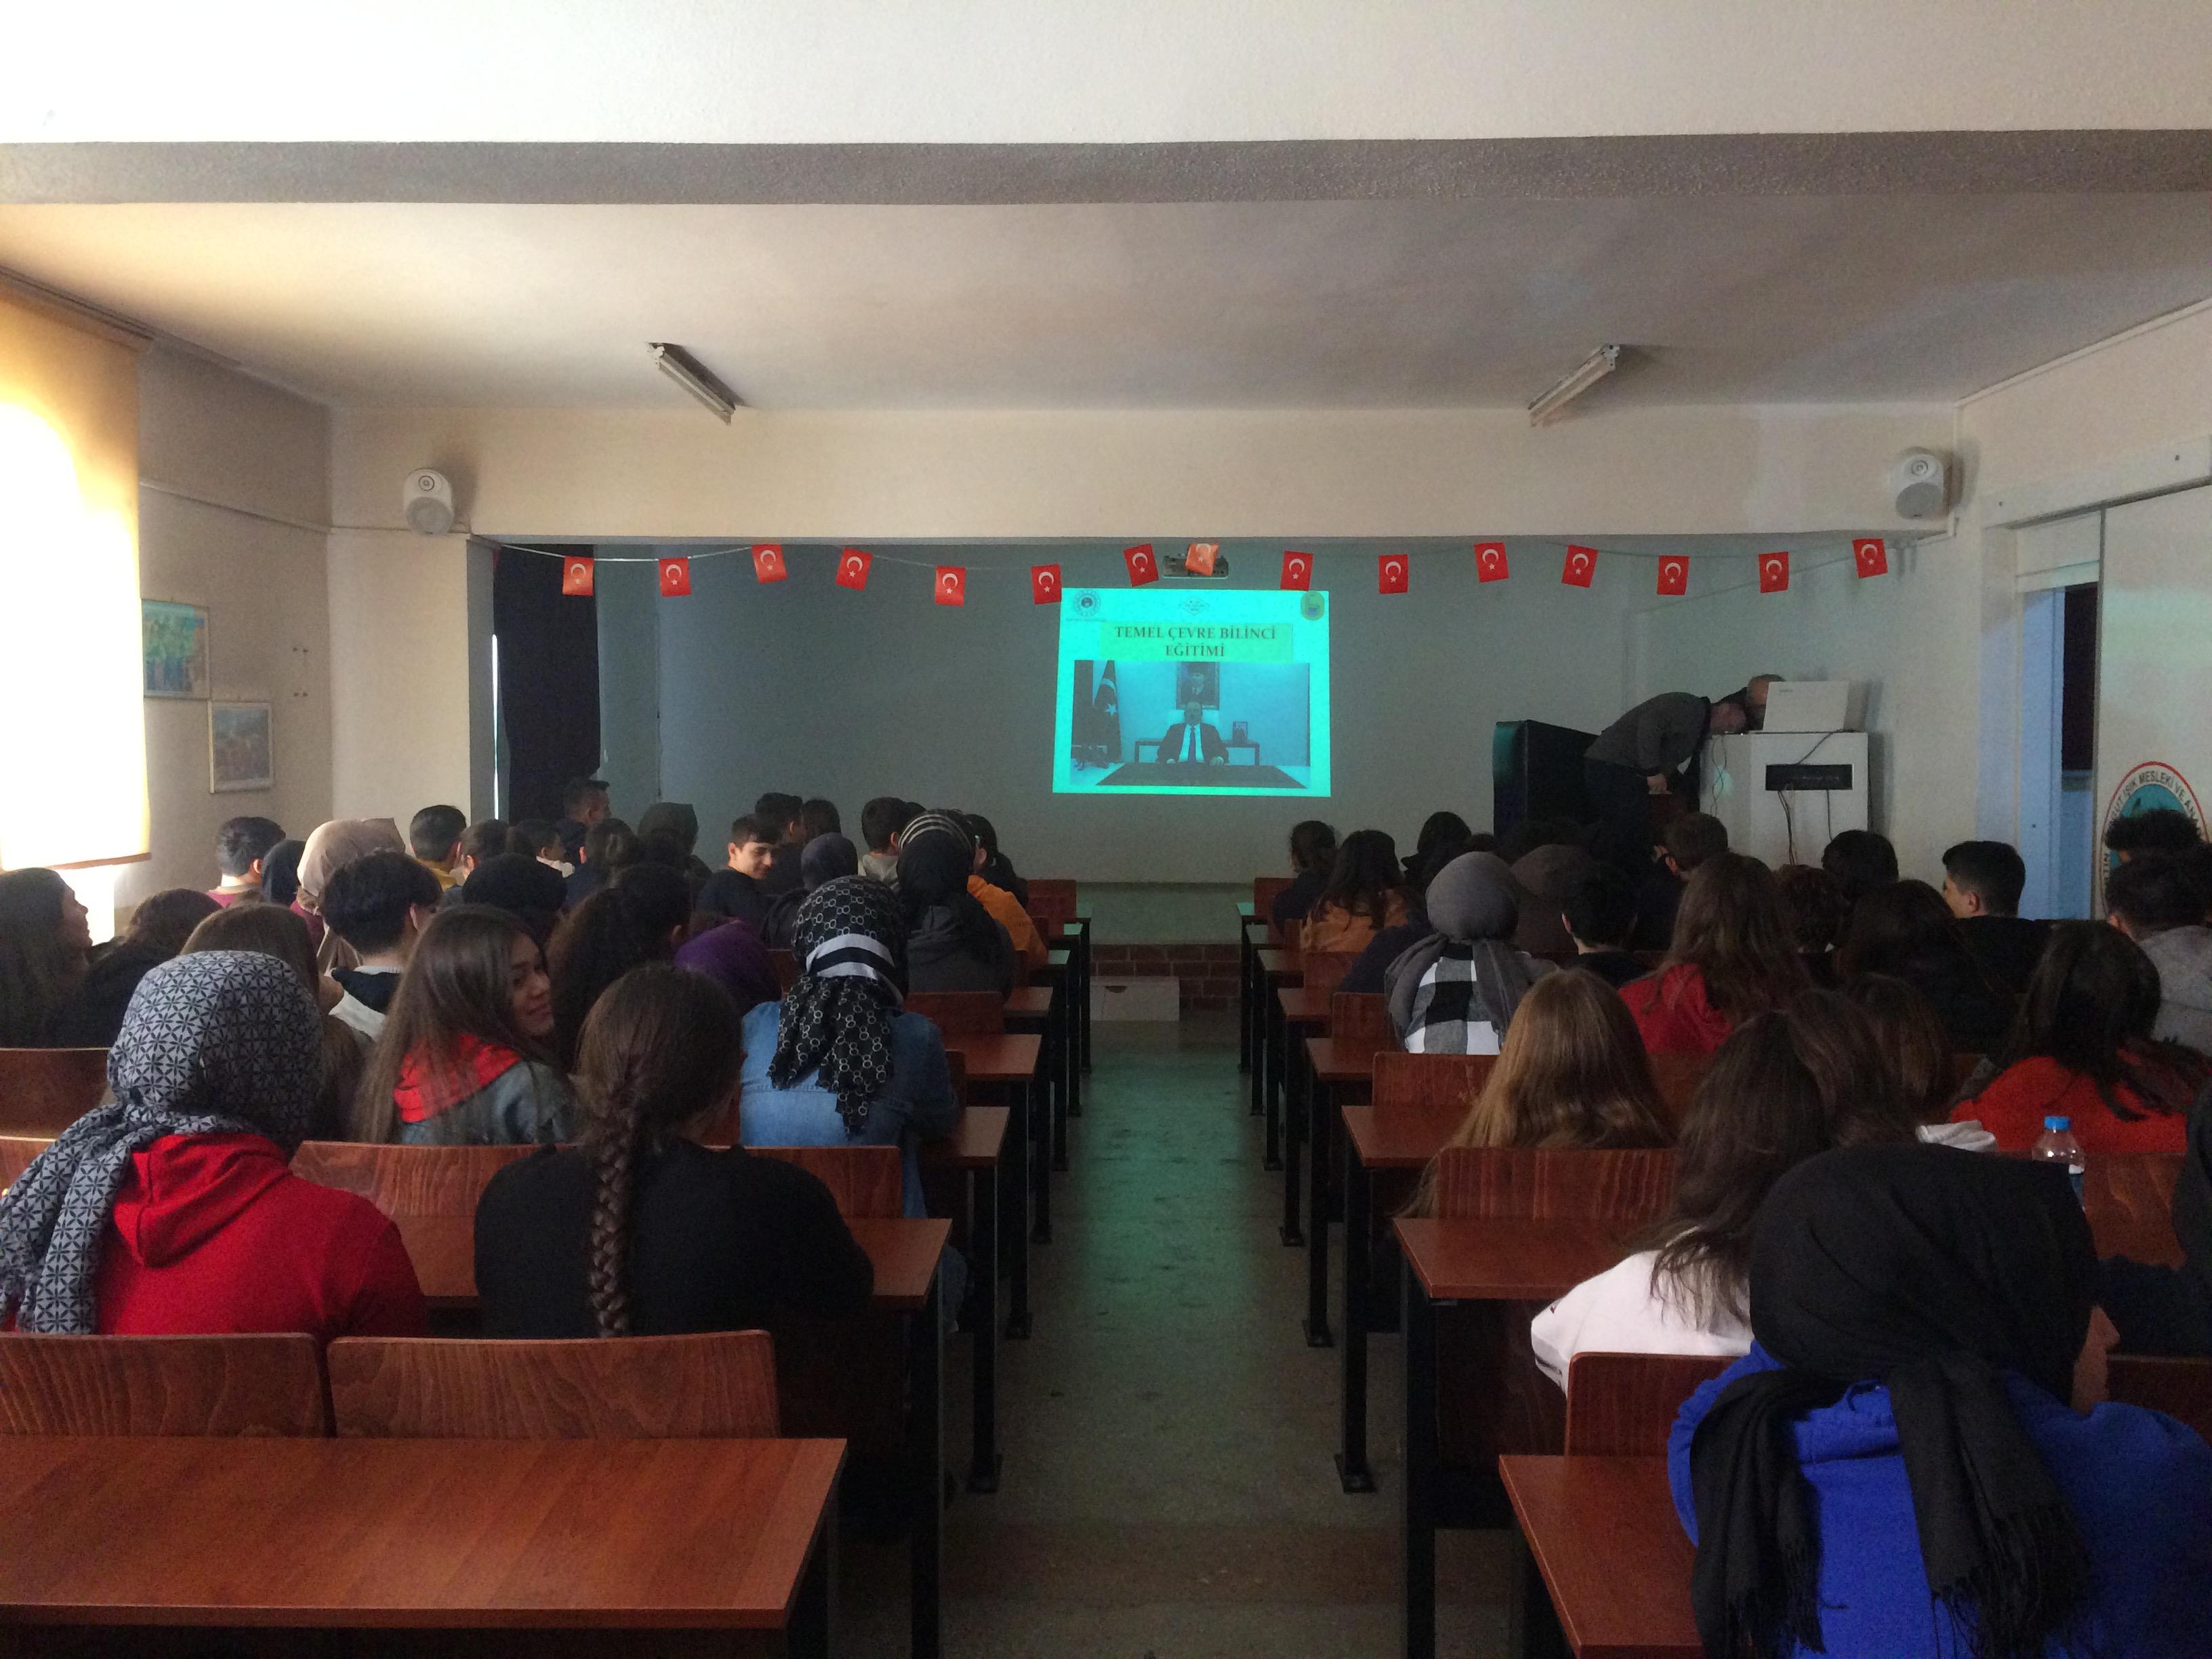 Turgut Işık Mesleki ve Teknik Anadolu Lisesi'nde Sıfır Atık Konulu Eğitim Verildi